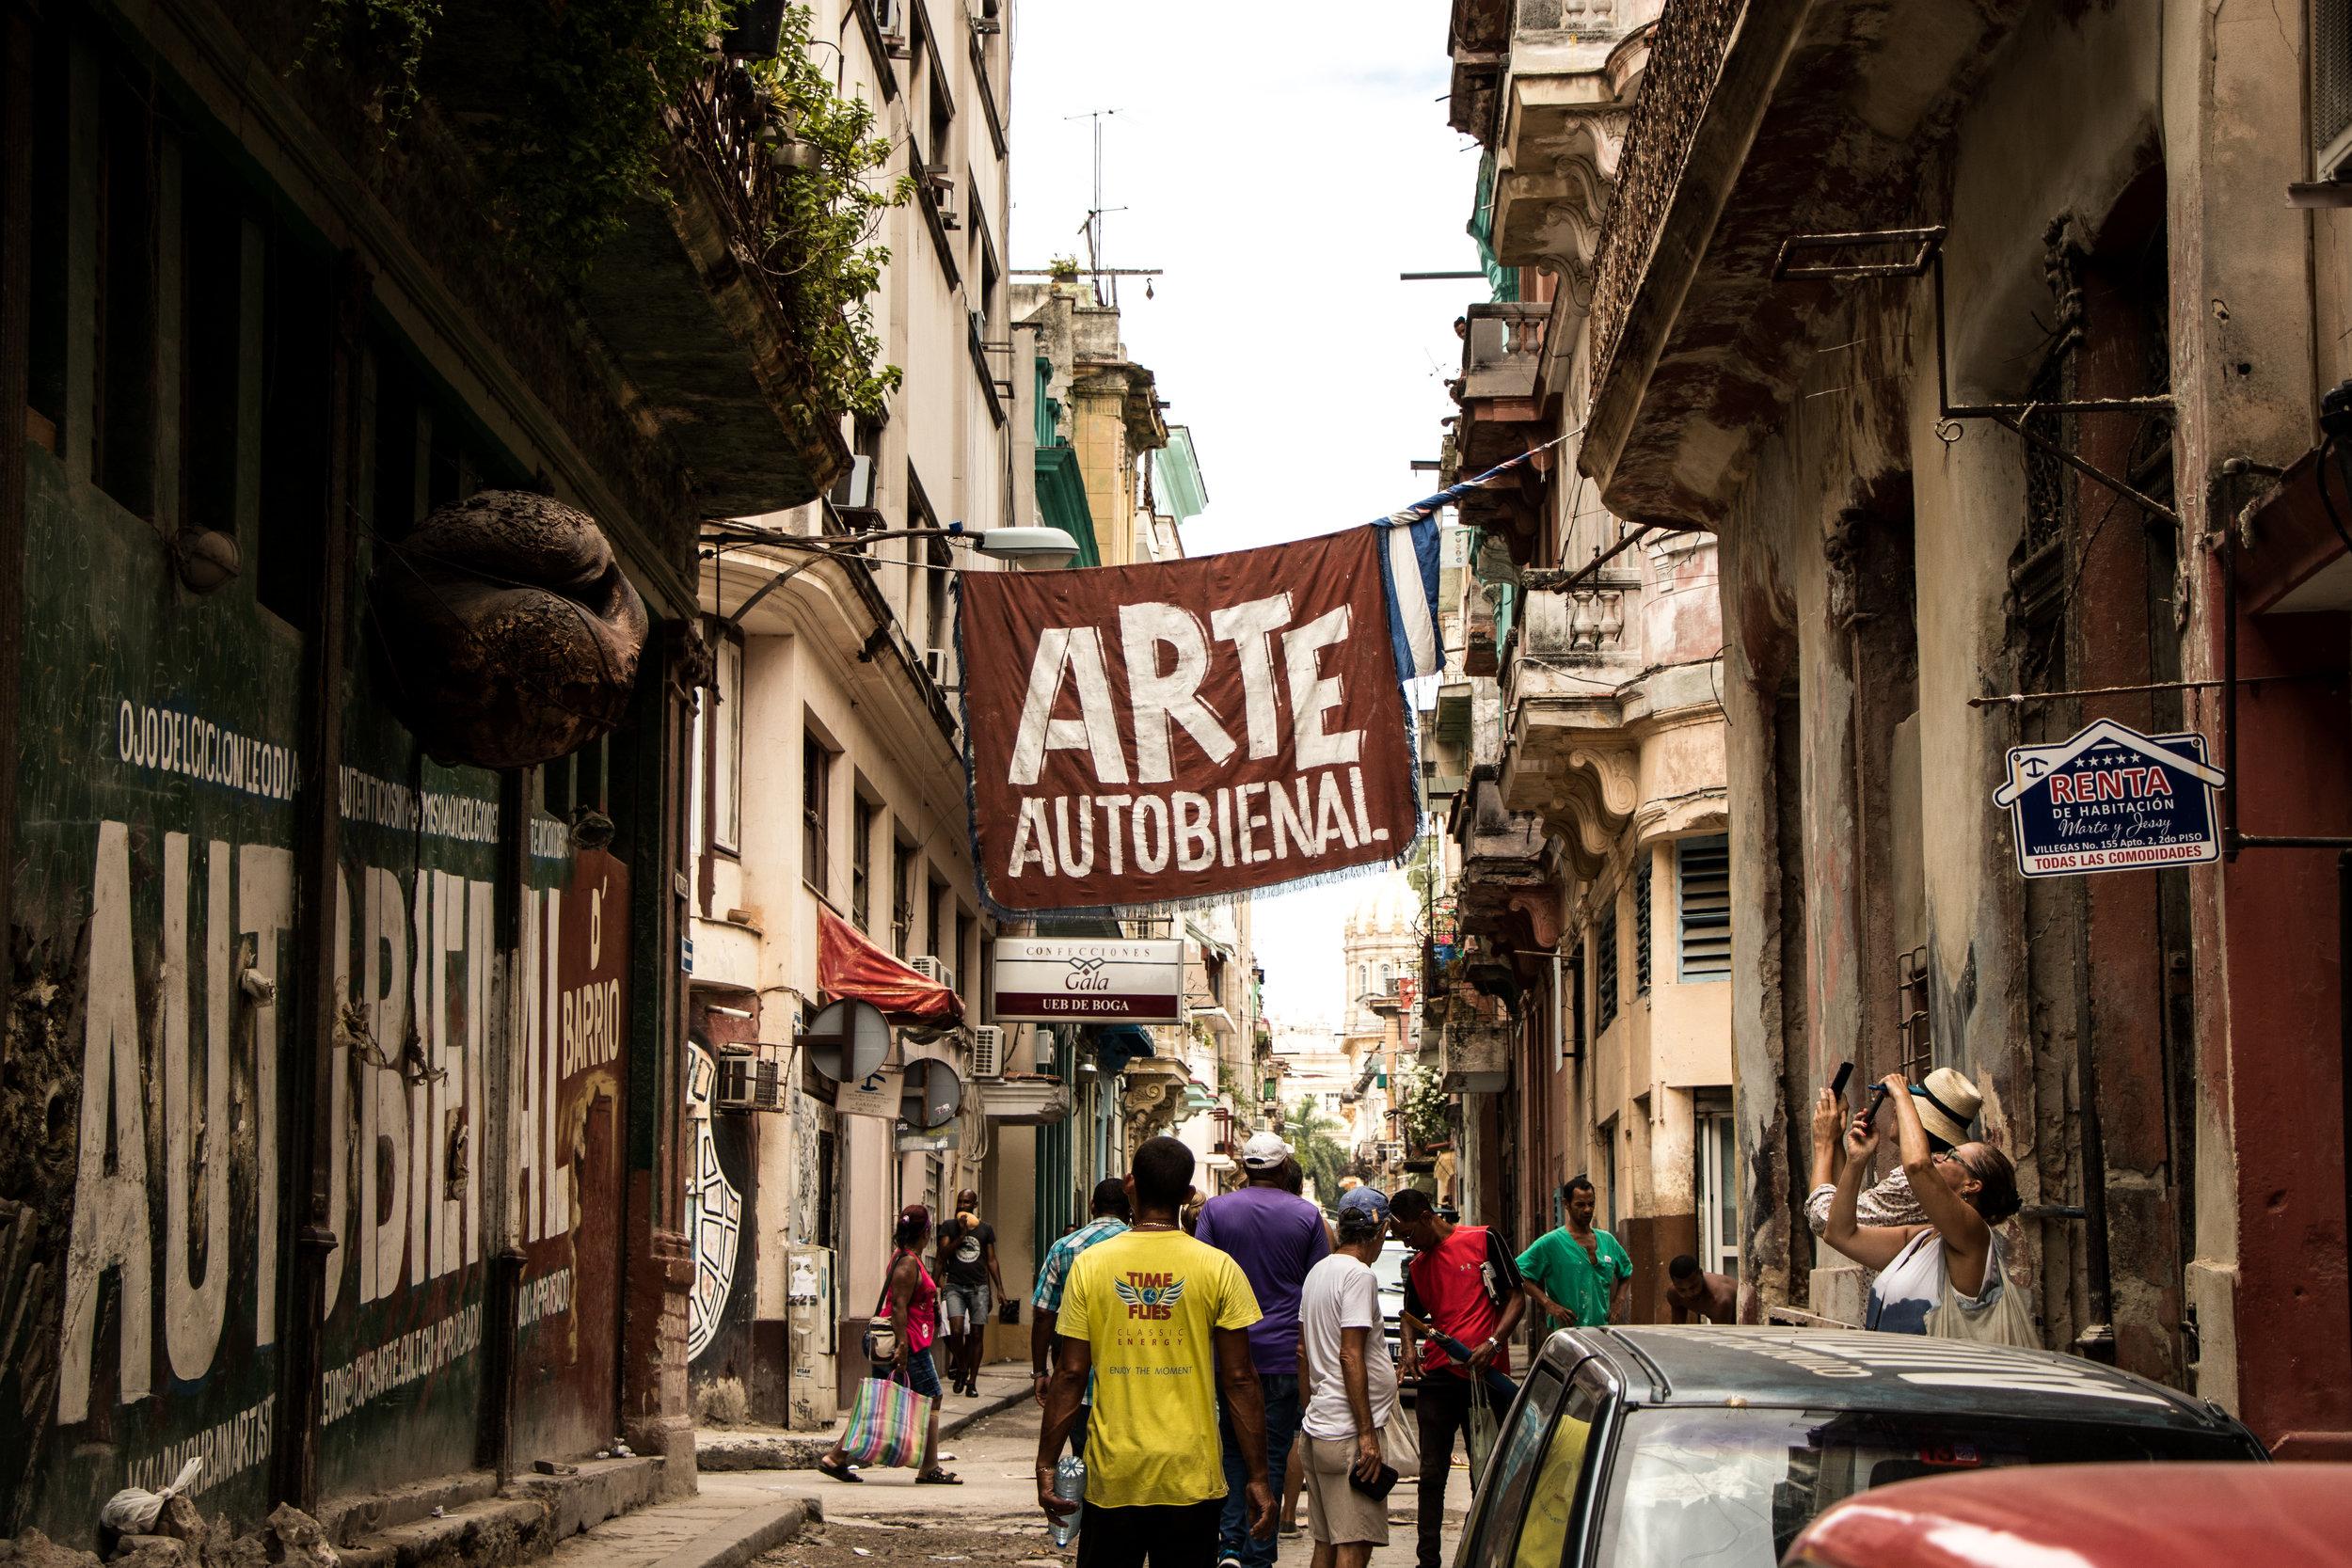 La Habana, Cuba - Su capital es una ciudad perfecta para una escapada de pocos días. Punto de ebullición de la diversidad y los sabores cubanos, La Habana lo tiene todo para disfrutar cada segundo durante tu estadía. Los vuelos para llegar son generalmente cortos, no toman más de 5 horas en promedio, aun si tuviesen escalas. Las Habana Vieja y El Malecón son dos excelentes áreas para quedarte. Aquí tendrás gran diversidad de opciones para comer y pasarla bien en las fiestas distintivas con el espíritu cubano. Cuba es un destino que puede ser costoso o muy barato de acuerdo a cómo te planifiques. Si utilizas las herramientas adecuadas podrás pasar un fin de semana espectacular sin gastar más de $500 por persona.